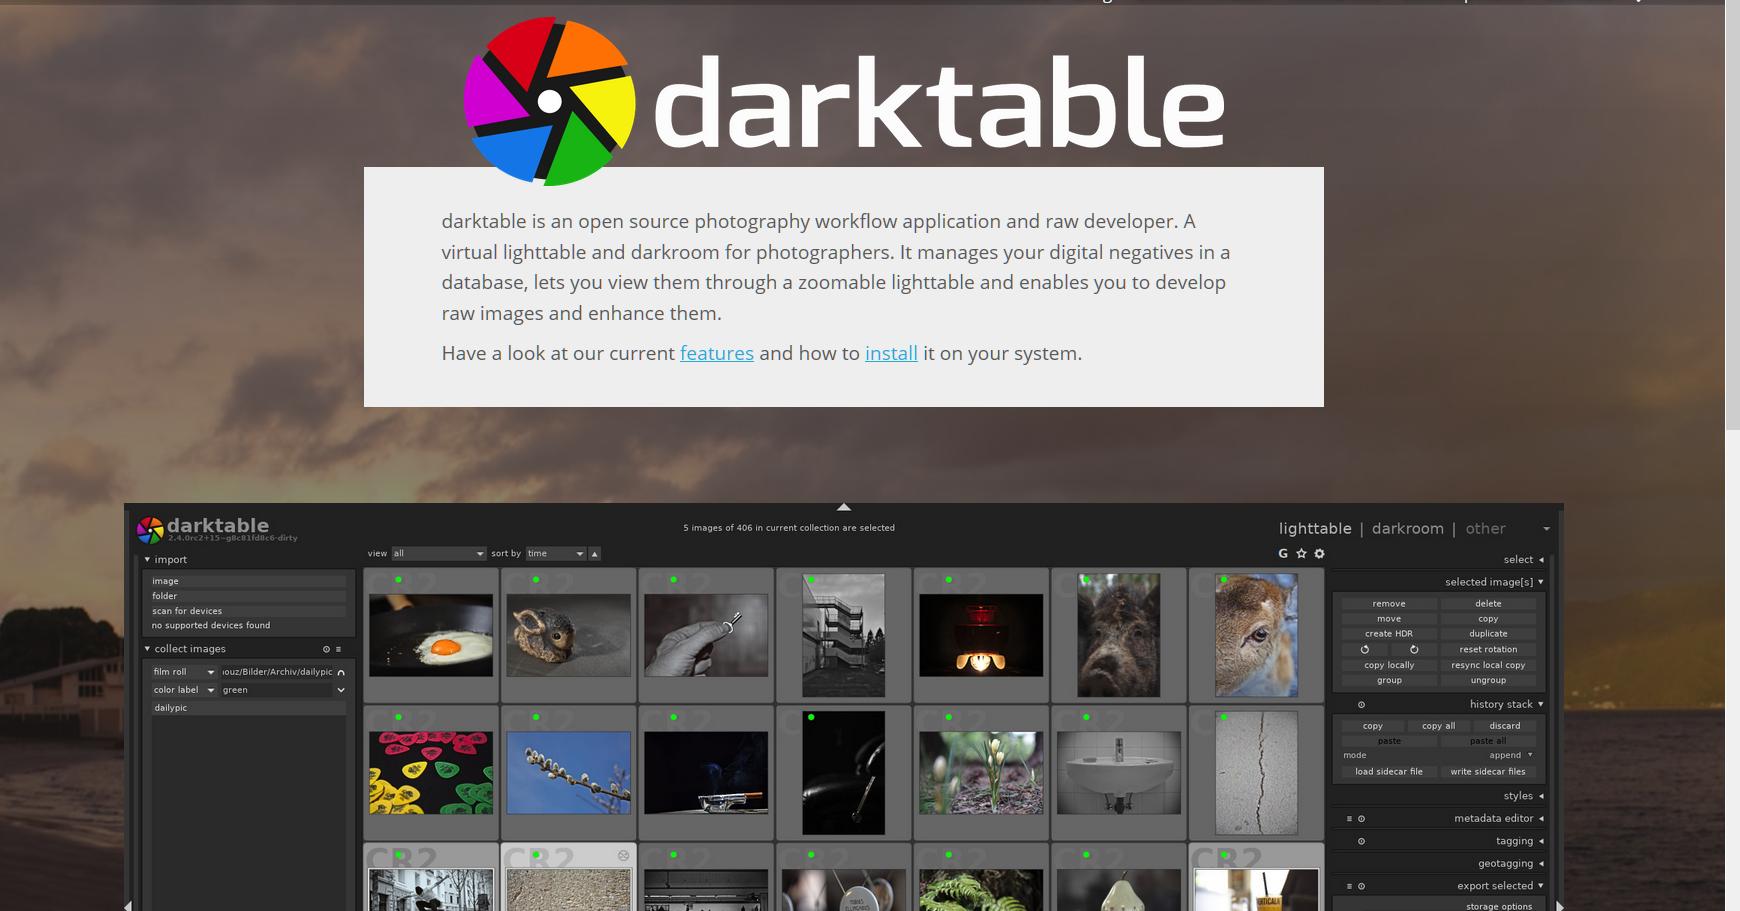 Darktable jetzt auch für Windows verfügbar.